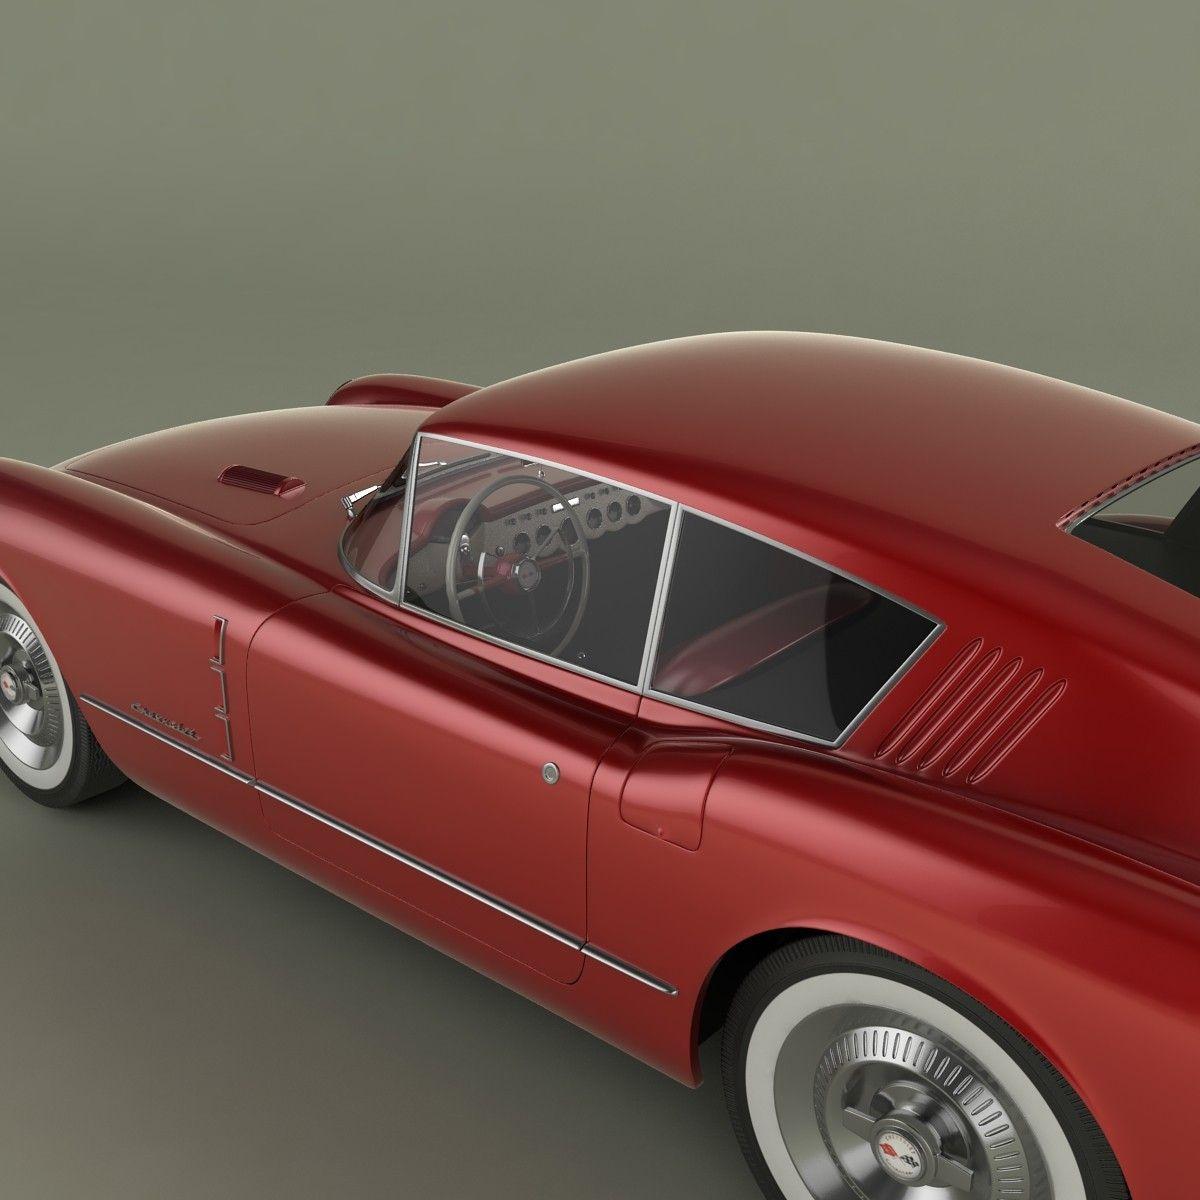 Chevrolet Corvette Corvair Concept Car 3d Model